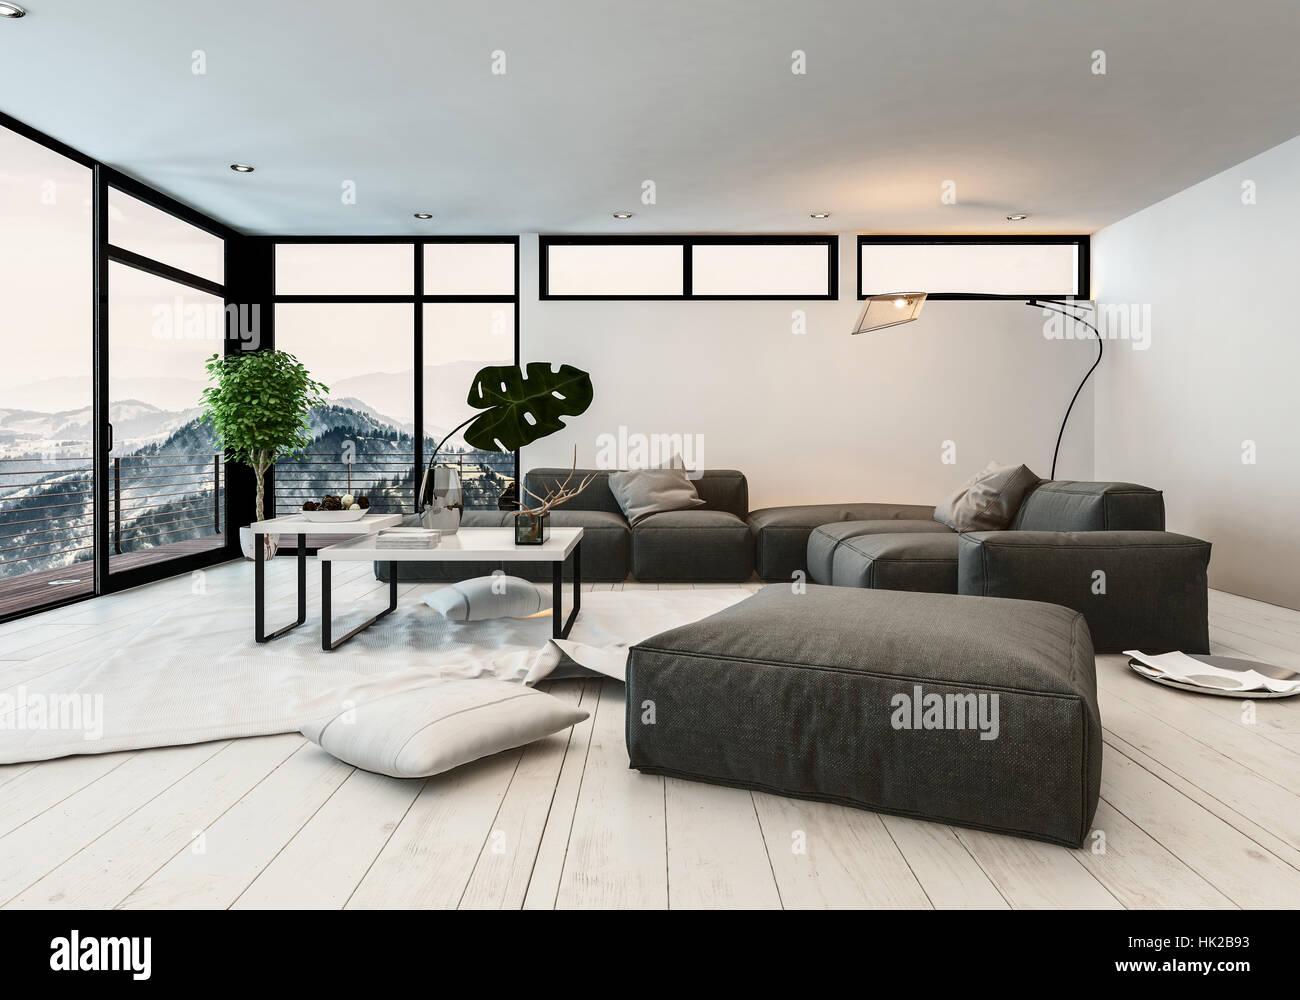 Moderne Designer Wohnzimmer Interieur mit Panorama-Glas ...